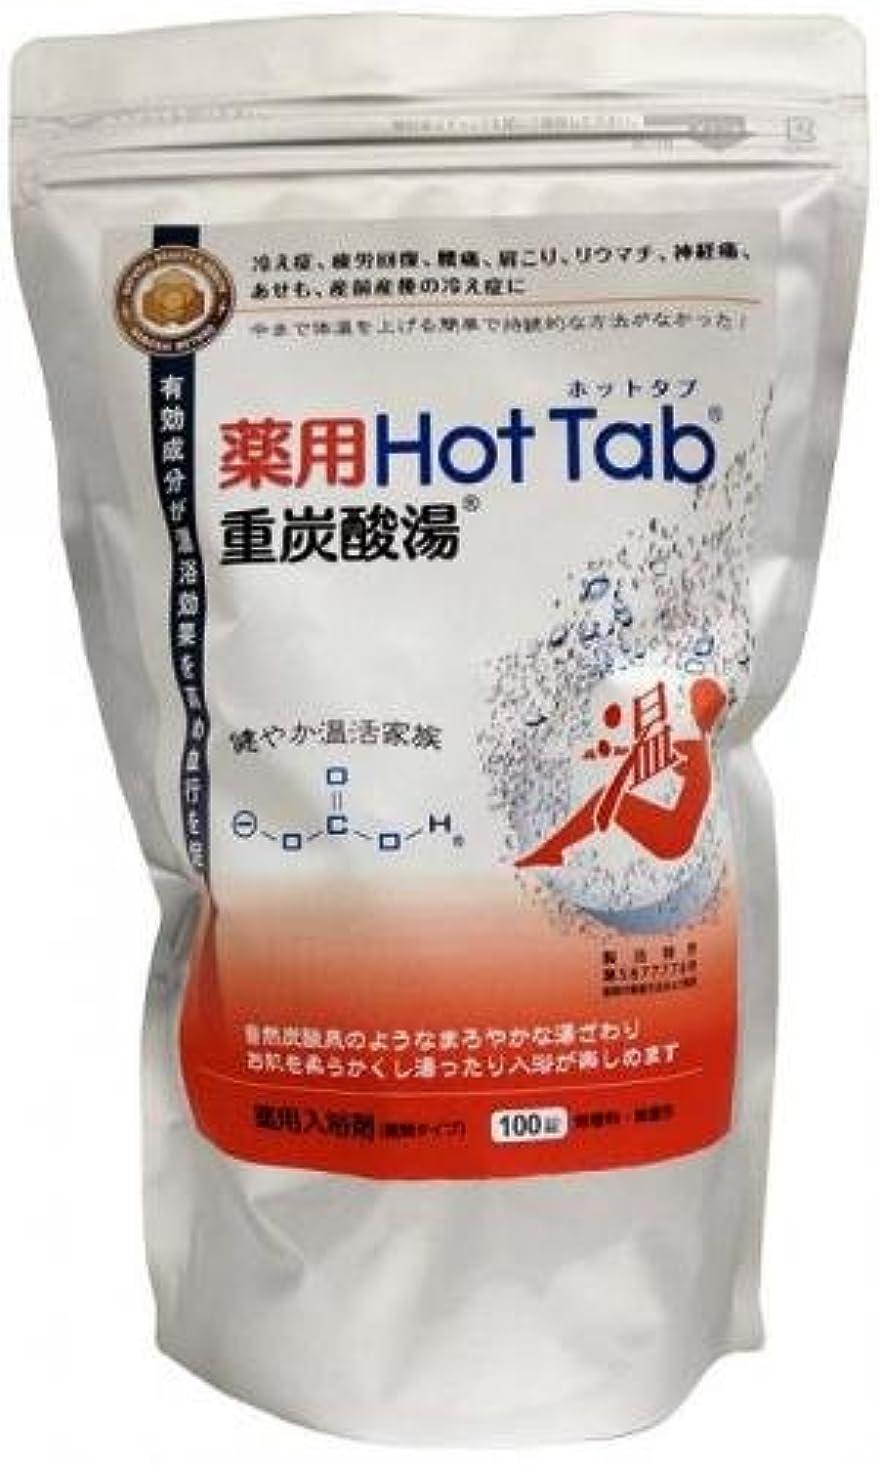 似ている気取らない耕す薬用Hot Tabホットタブ 重炭酸湯(100錠入り) 3個セット